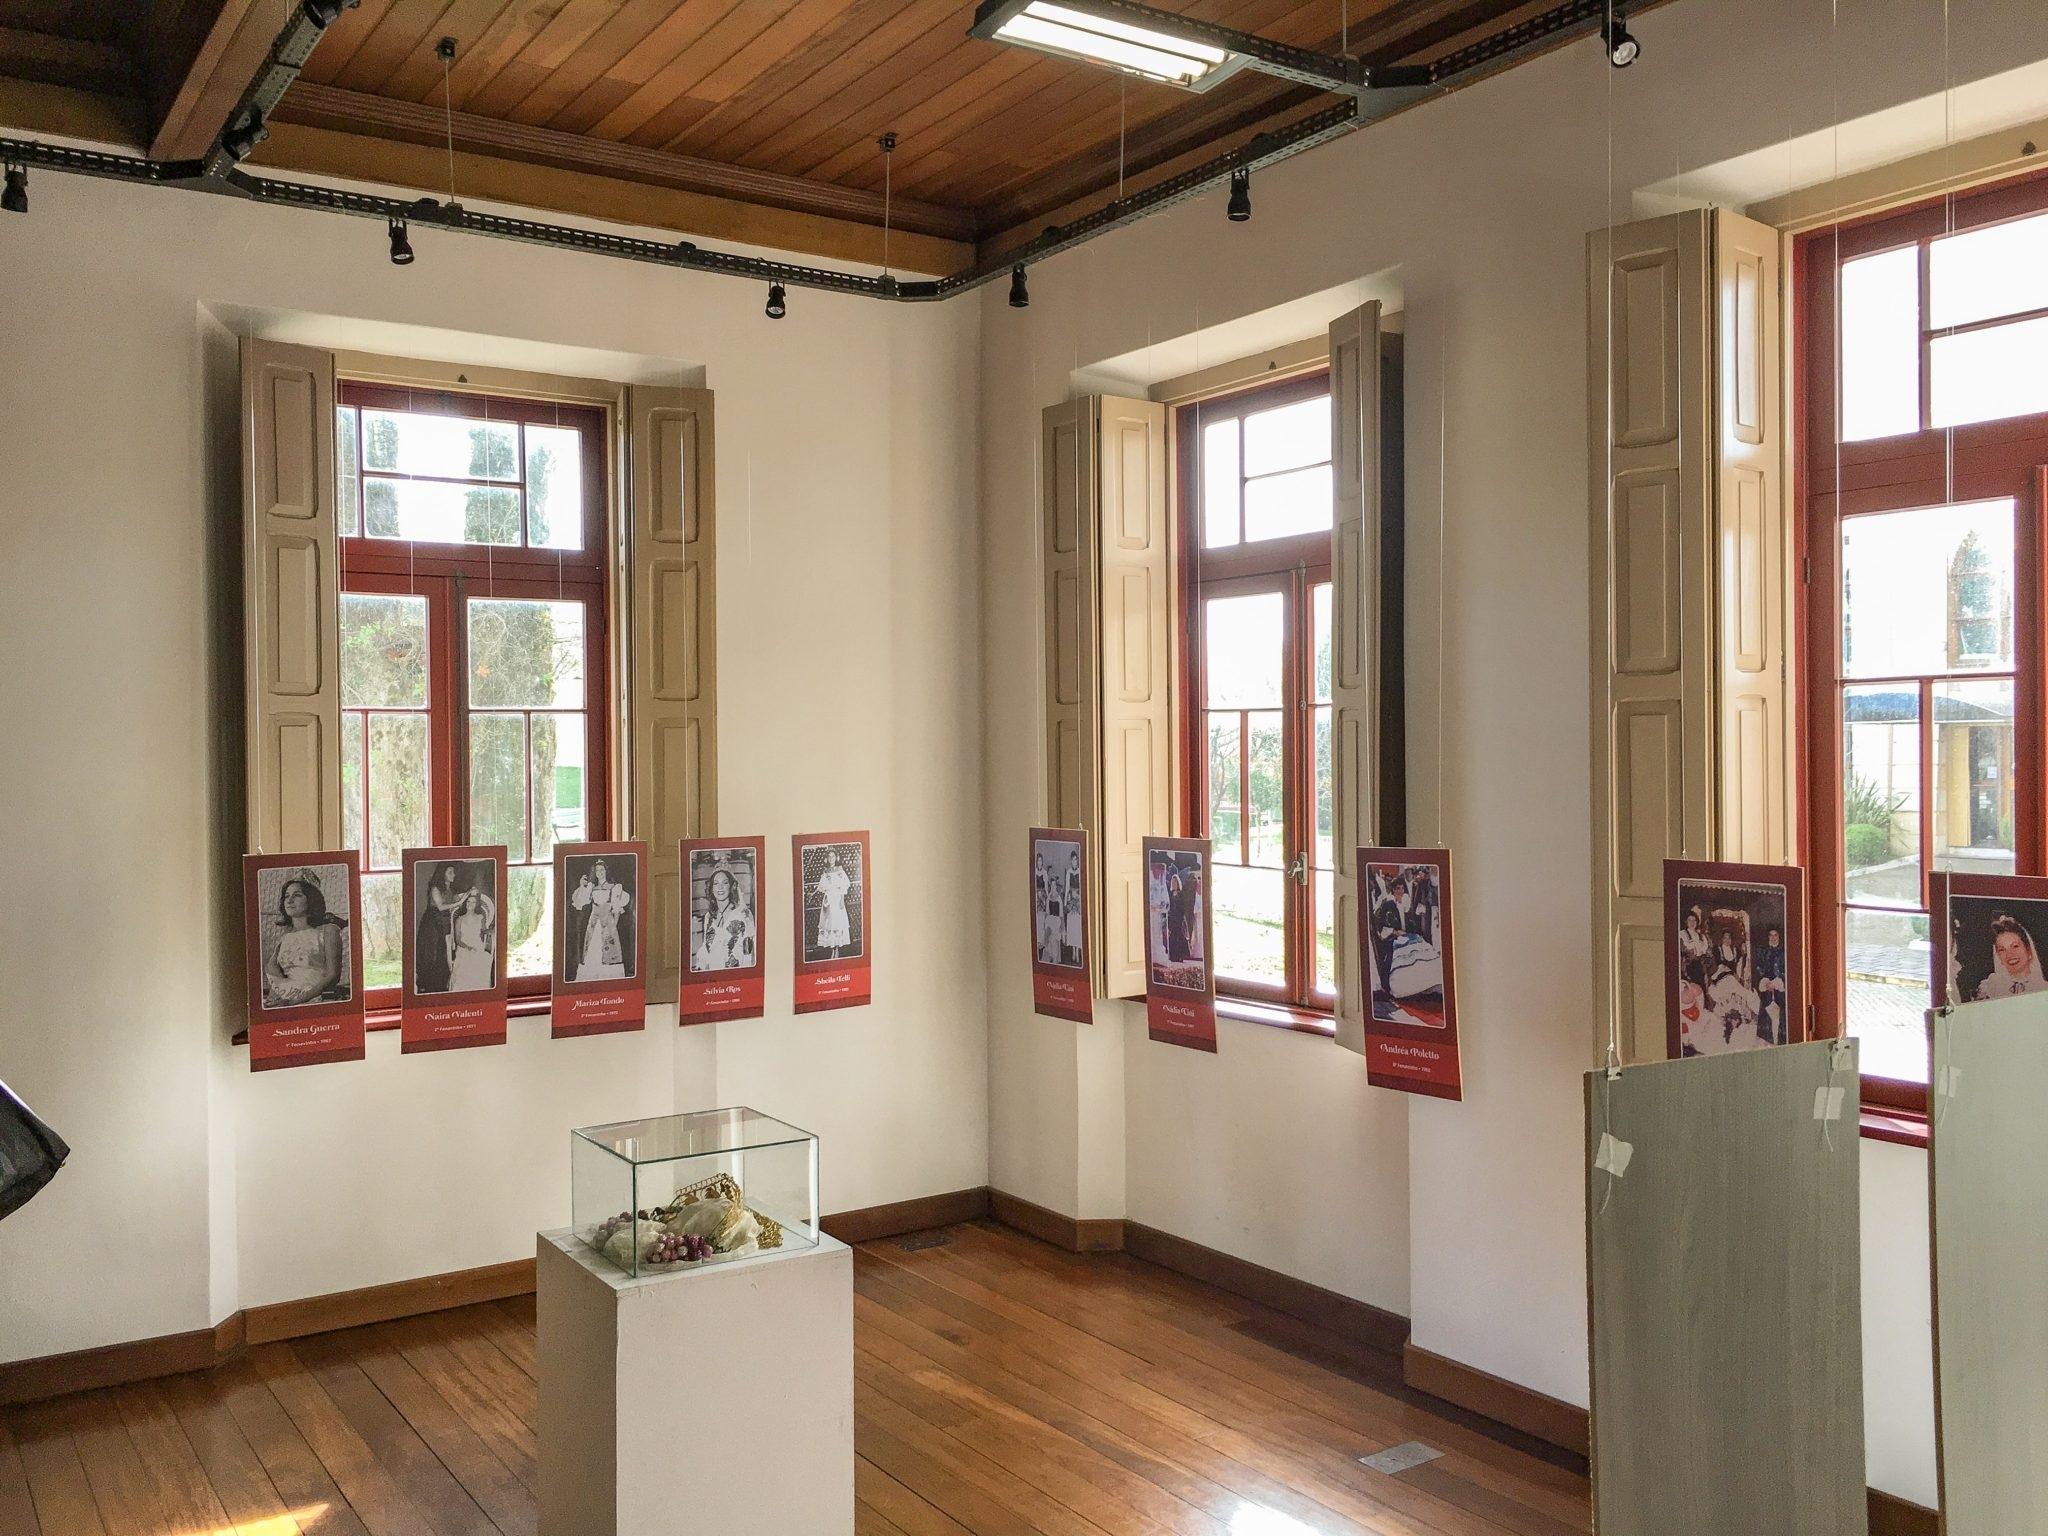 Foto de uma sala do museu com exposições